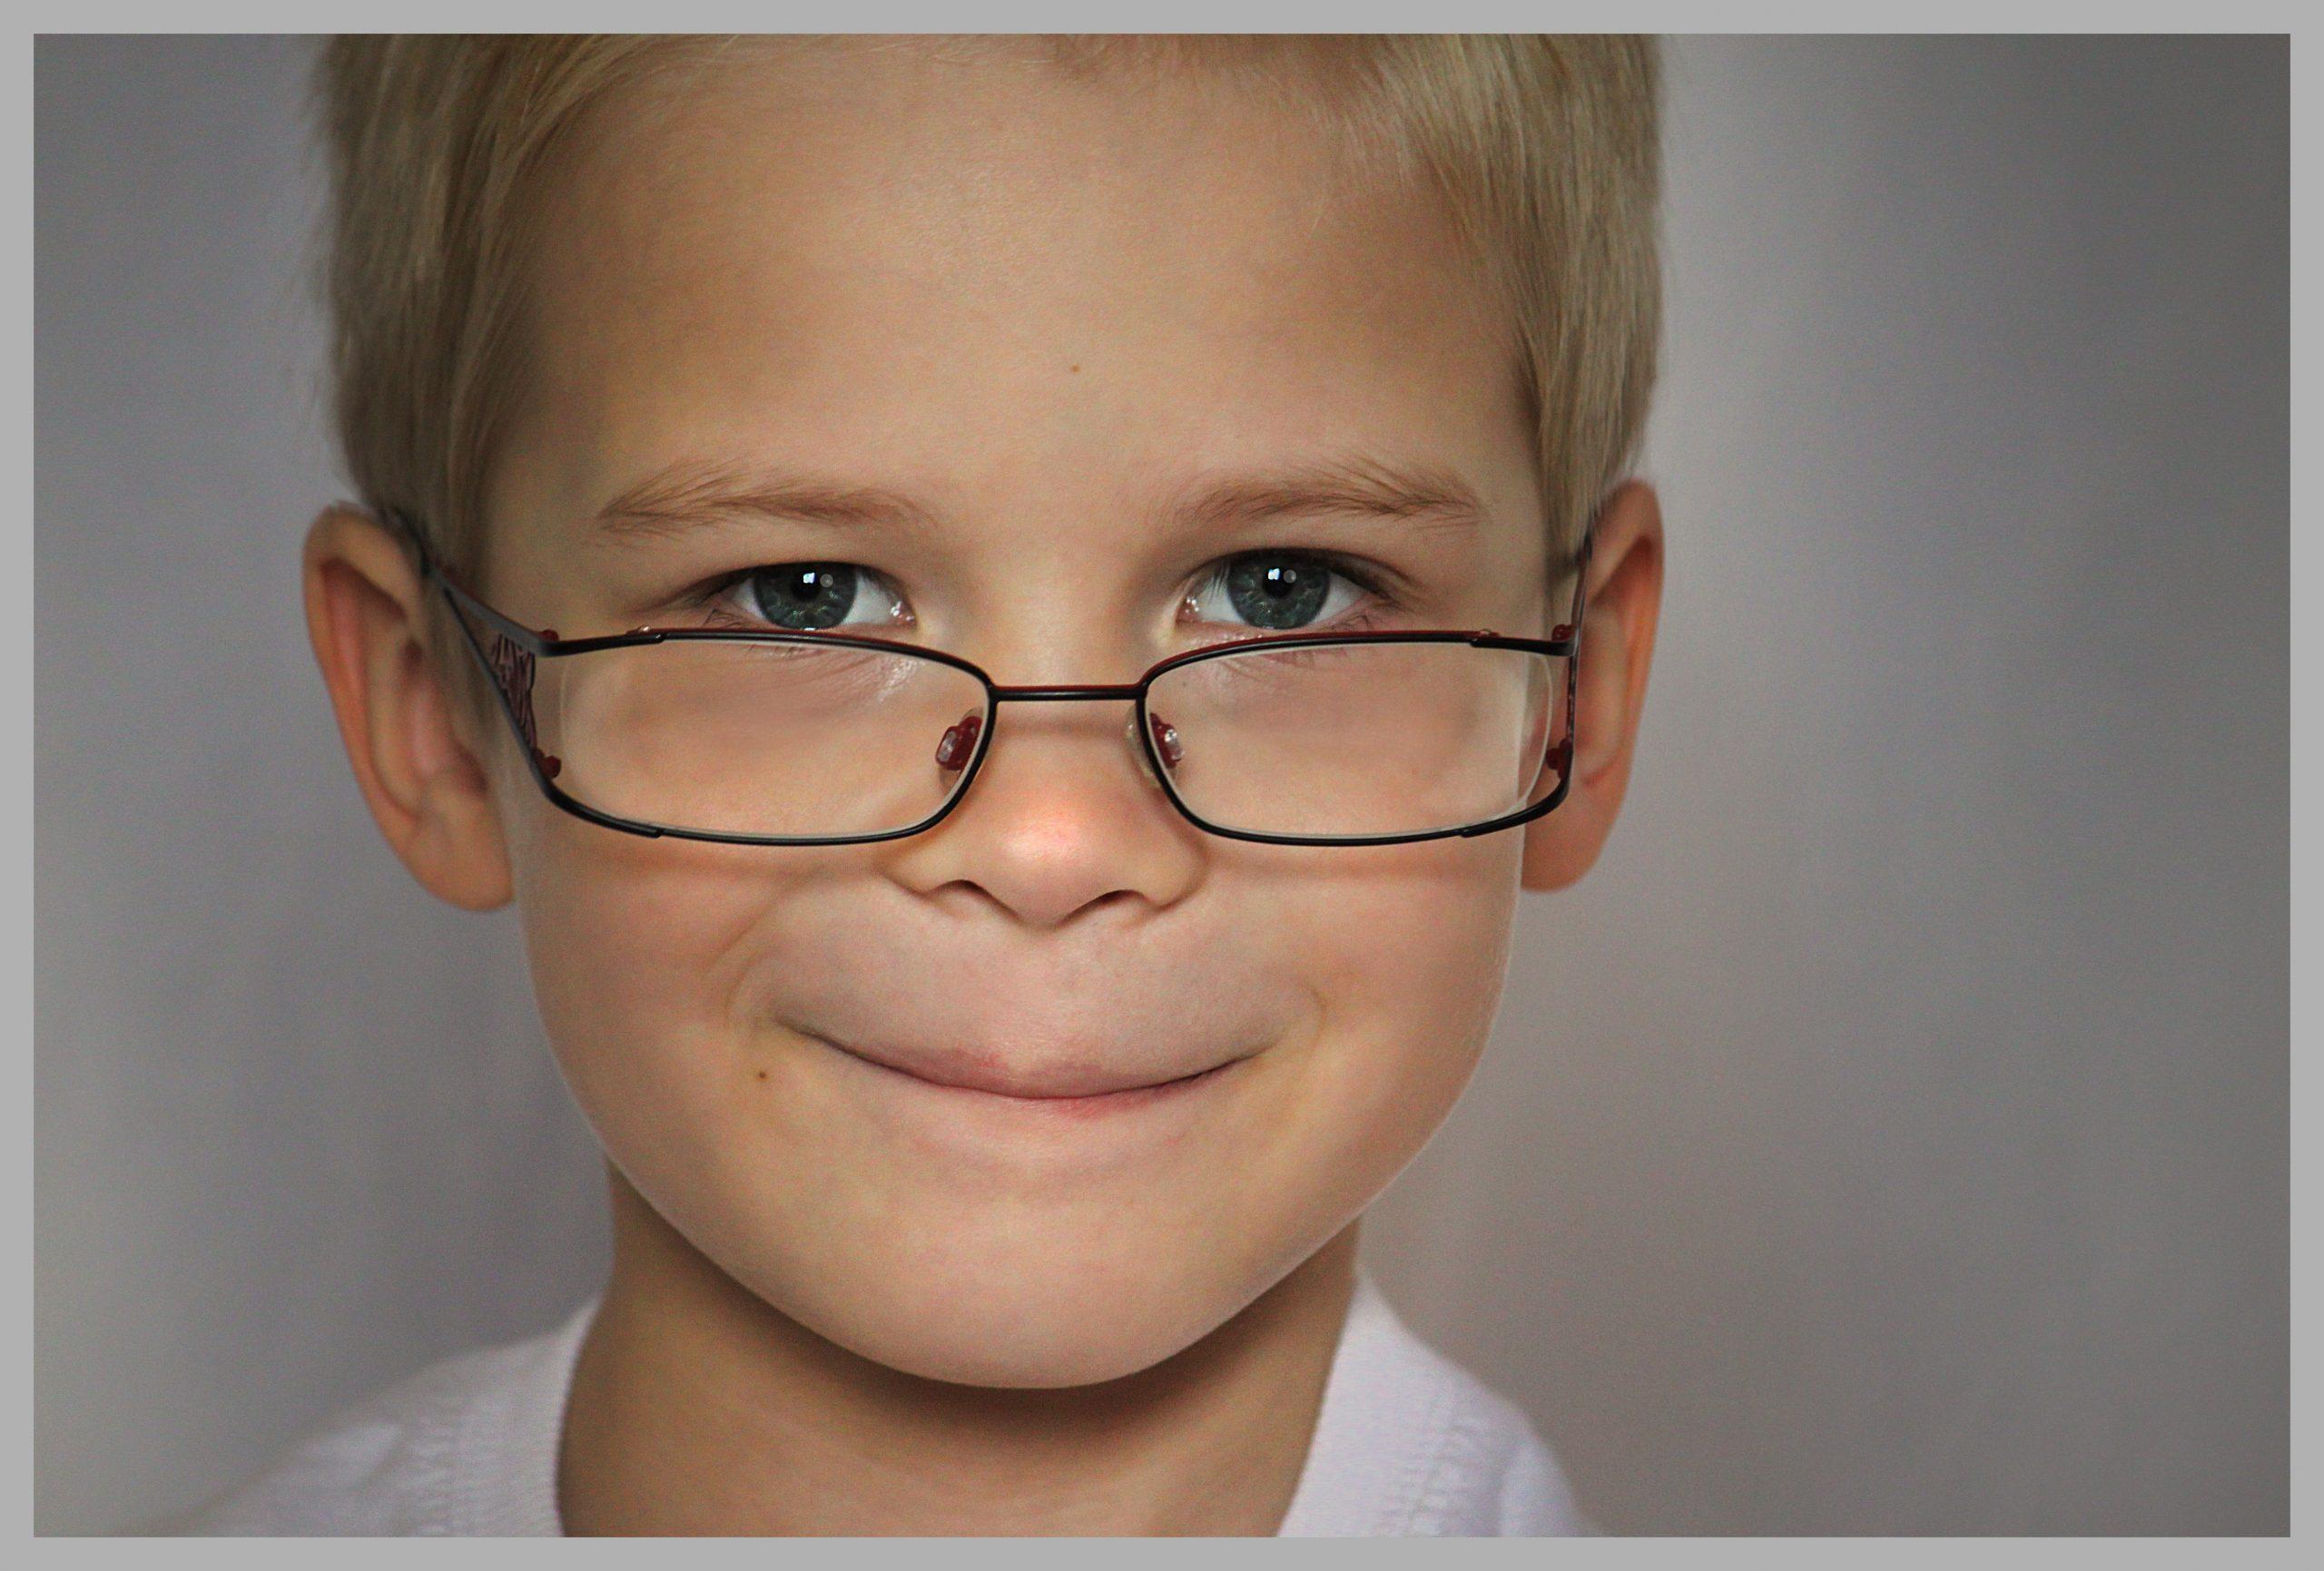 La Lente de contacto blanda específicamente diseñada para miopías en fase de crecimiento